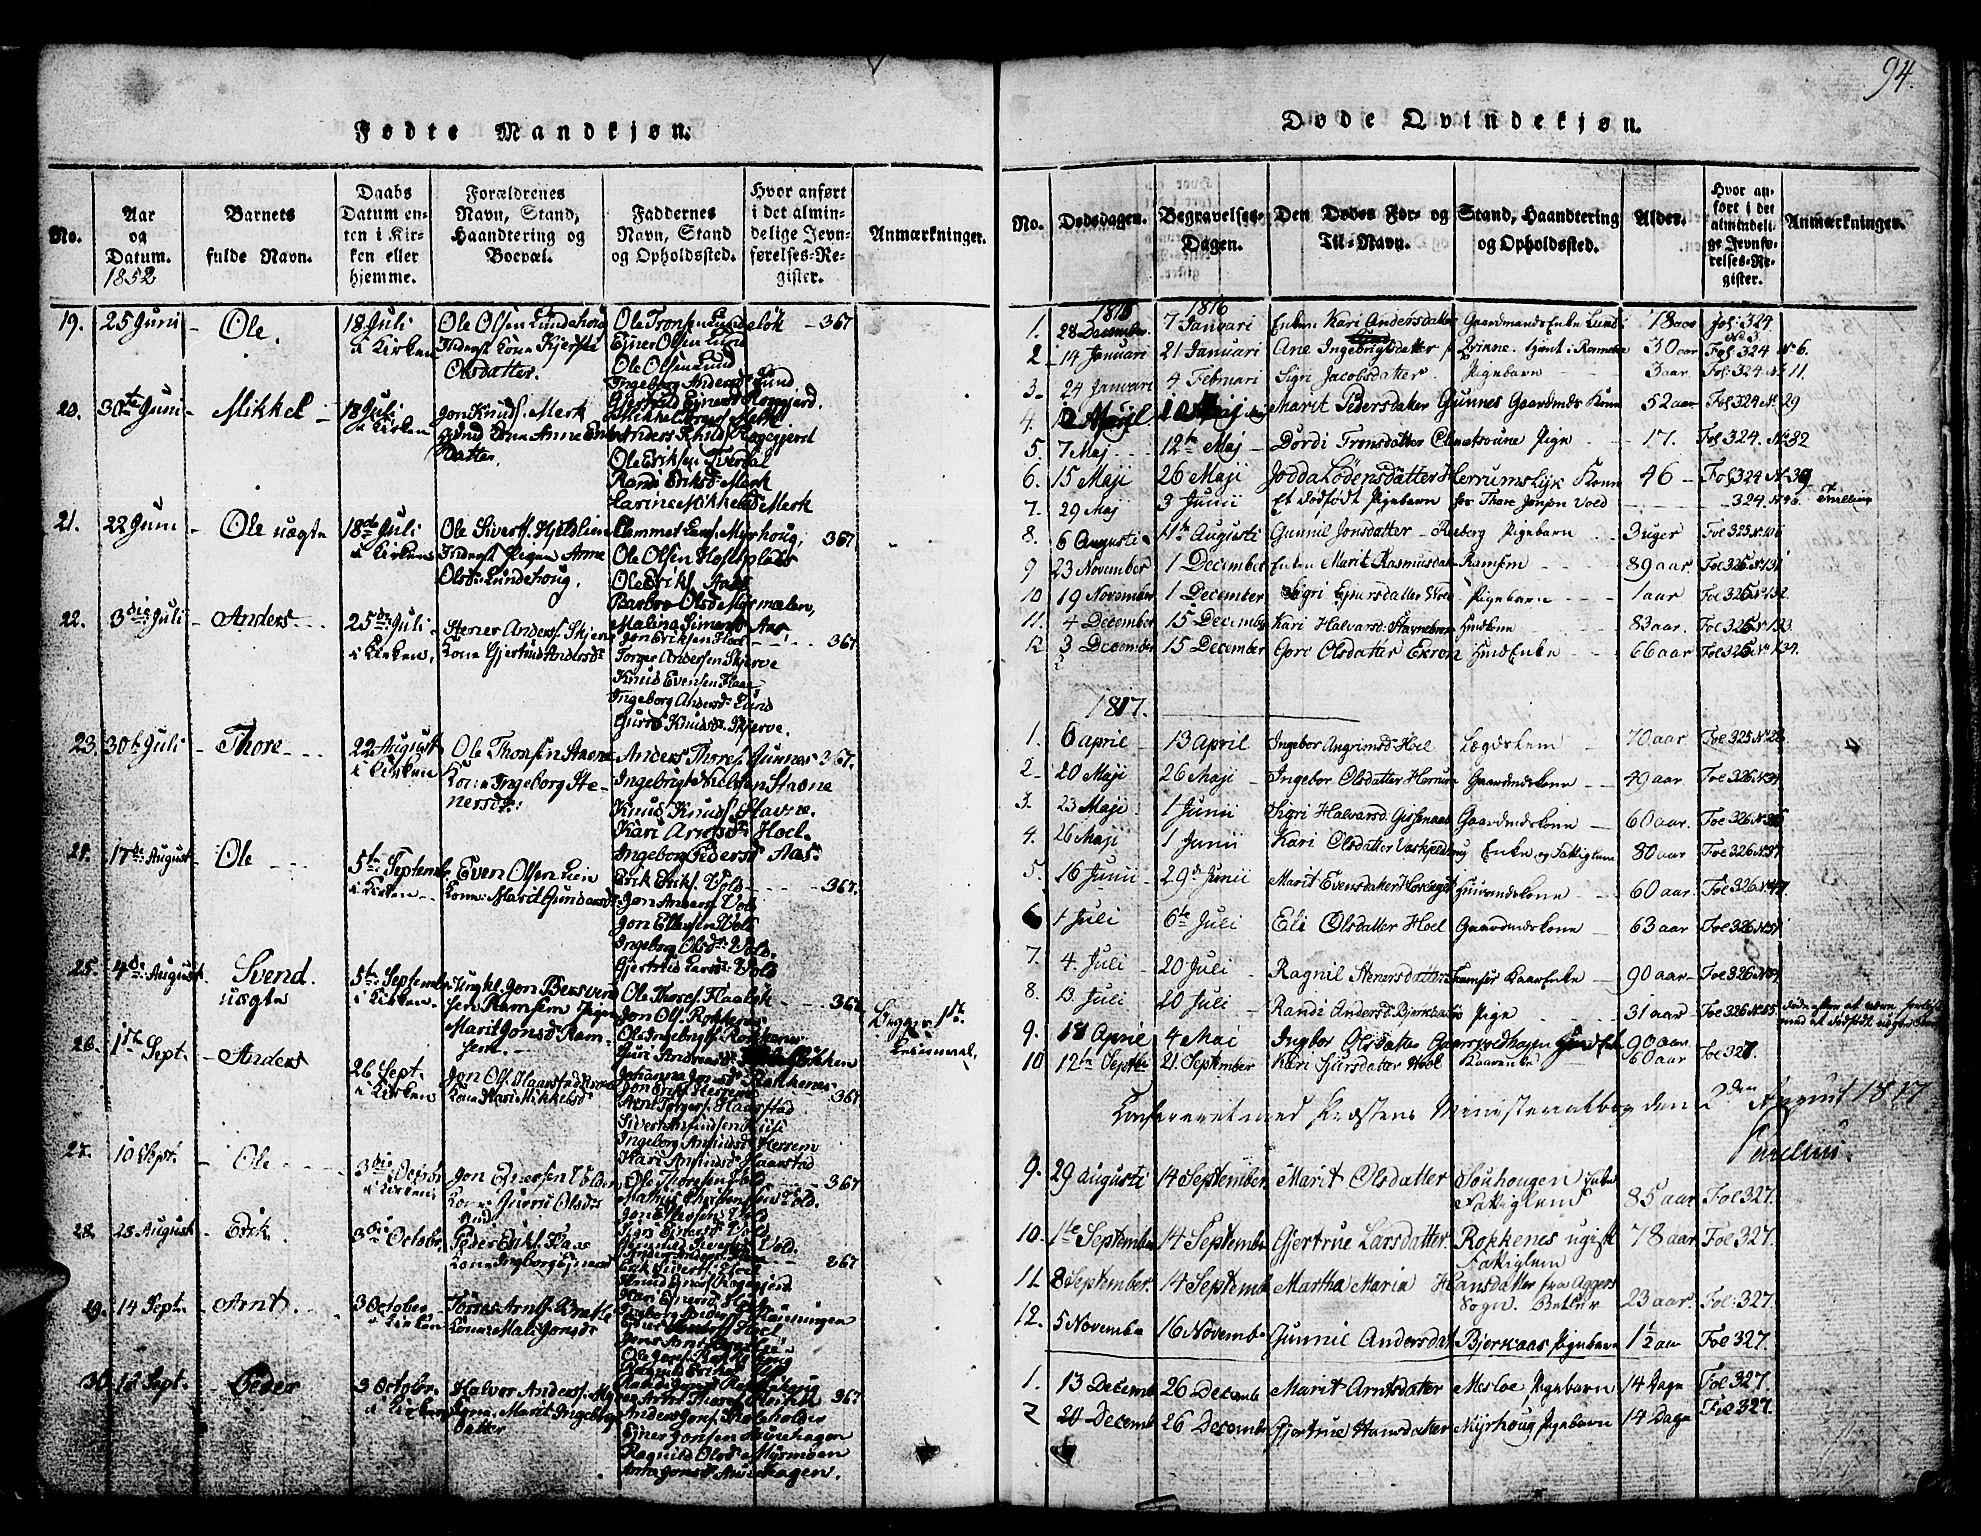 SAT, Ministerialprotokoller, klokkerbøker og fødselsregistre - Sør-Trøndelag, 674/L0874: Klokkerbok nr. 674C01, 1816-1860, s. 94